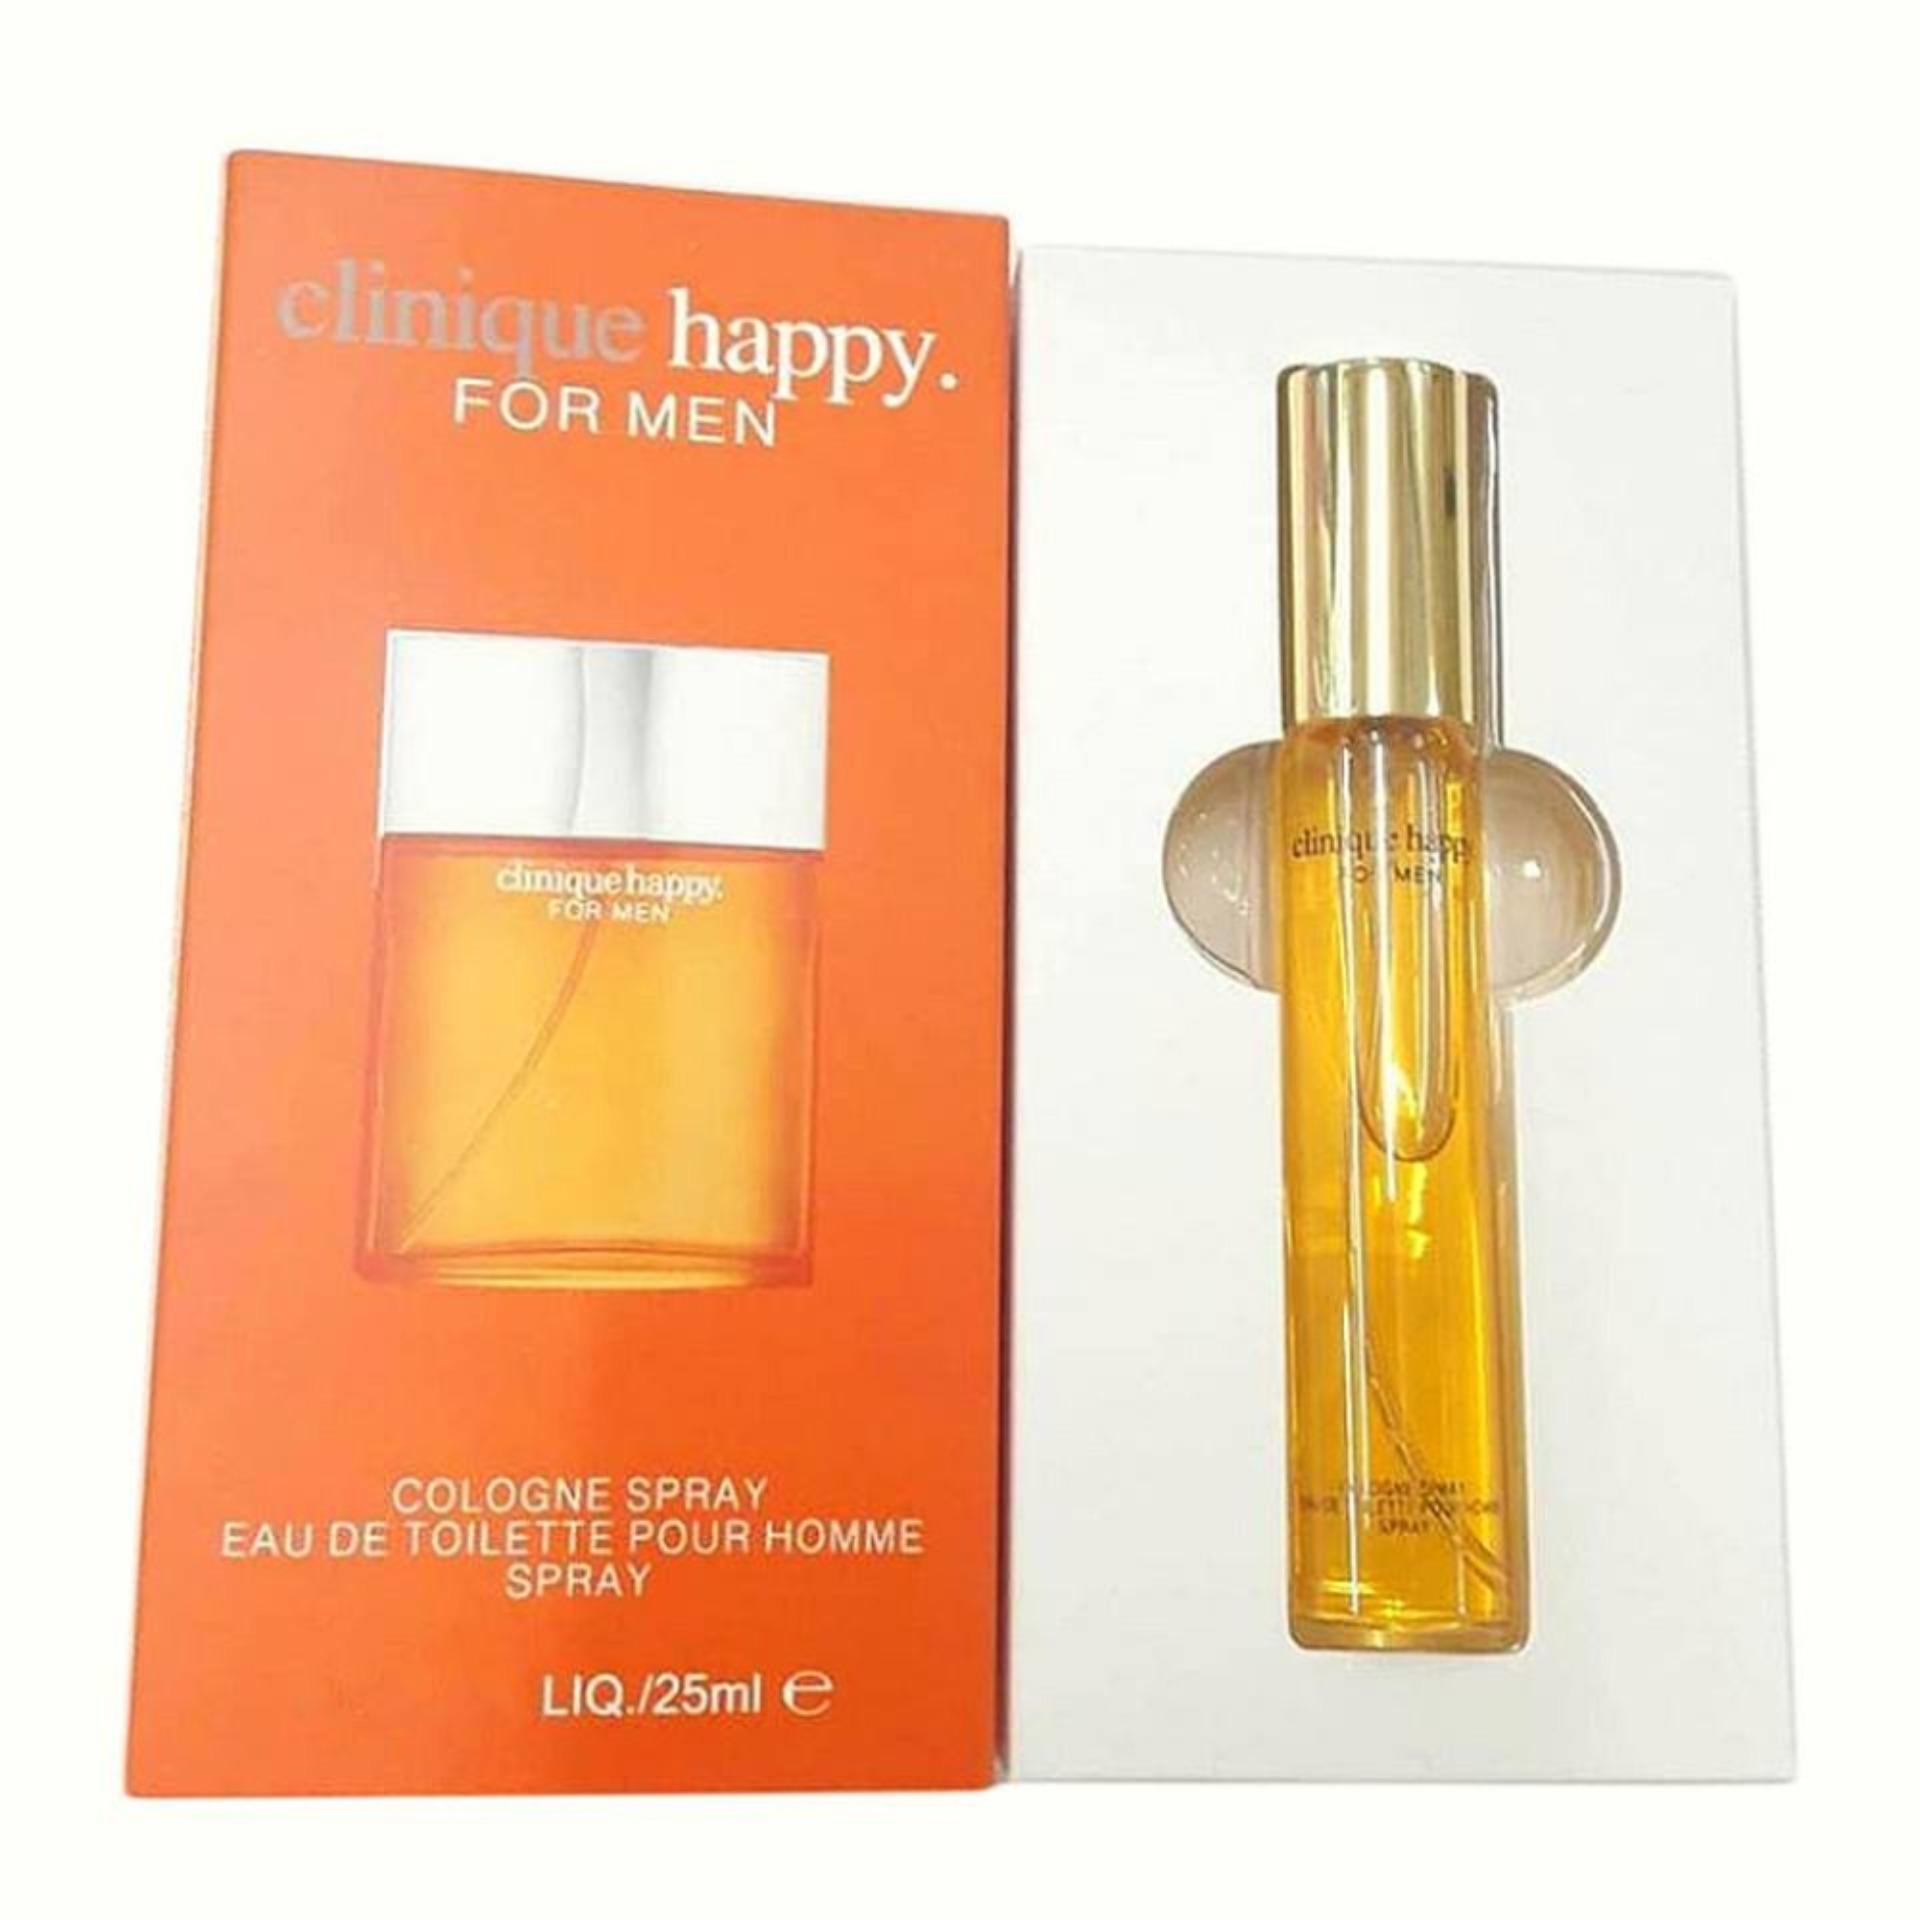 Clinque Happy for Men Eau de Toilette Travel Size 25ml - thumbnail